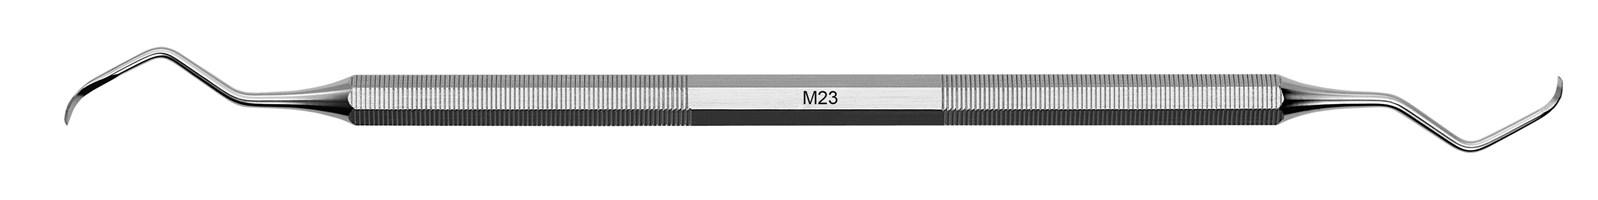 Scaler univerzální - M23, ADEP tmavě modrý